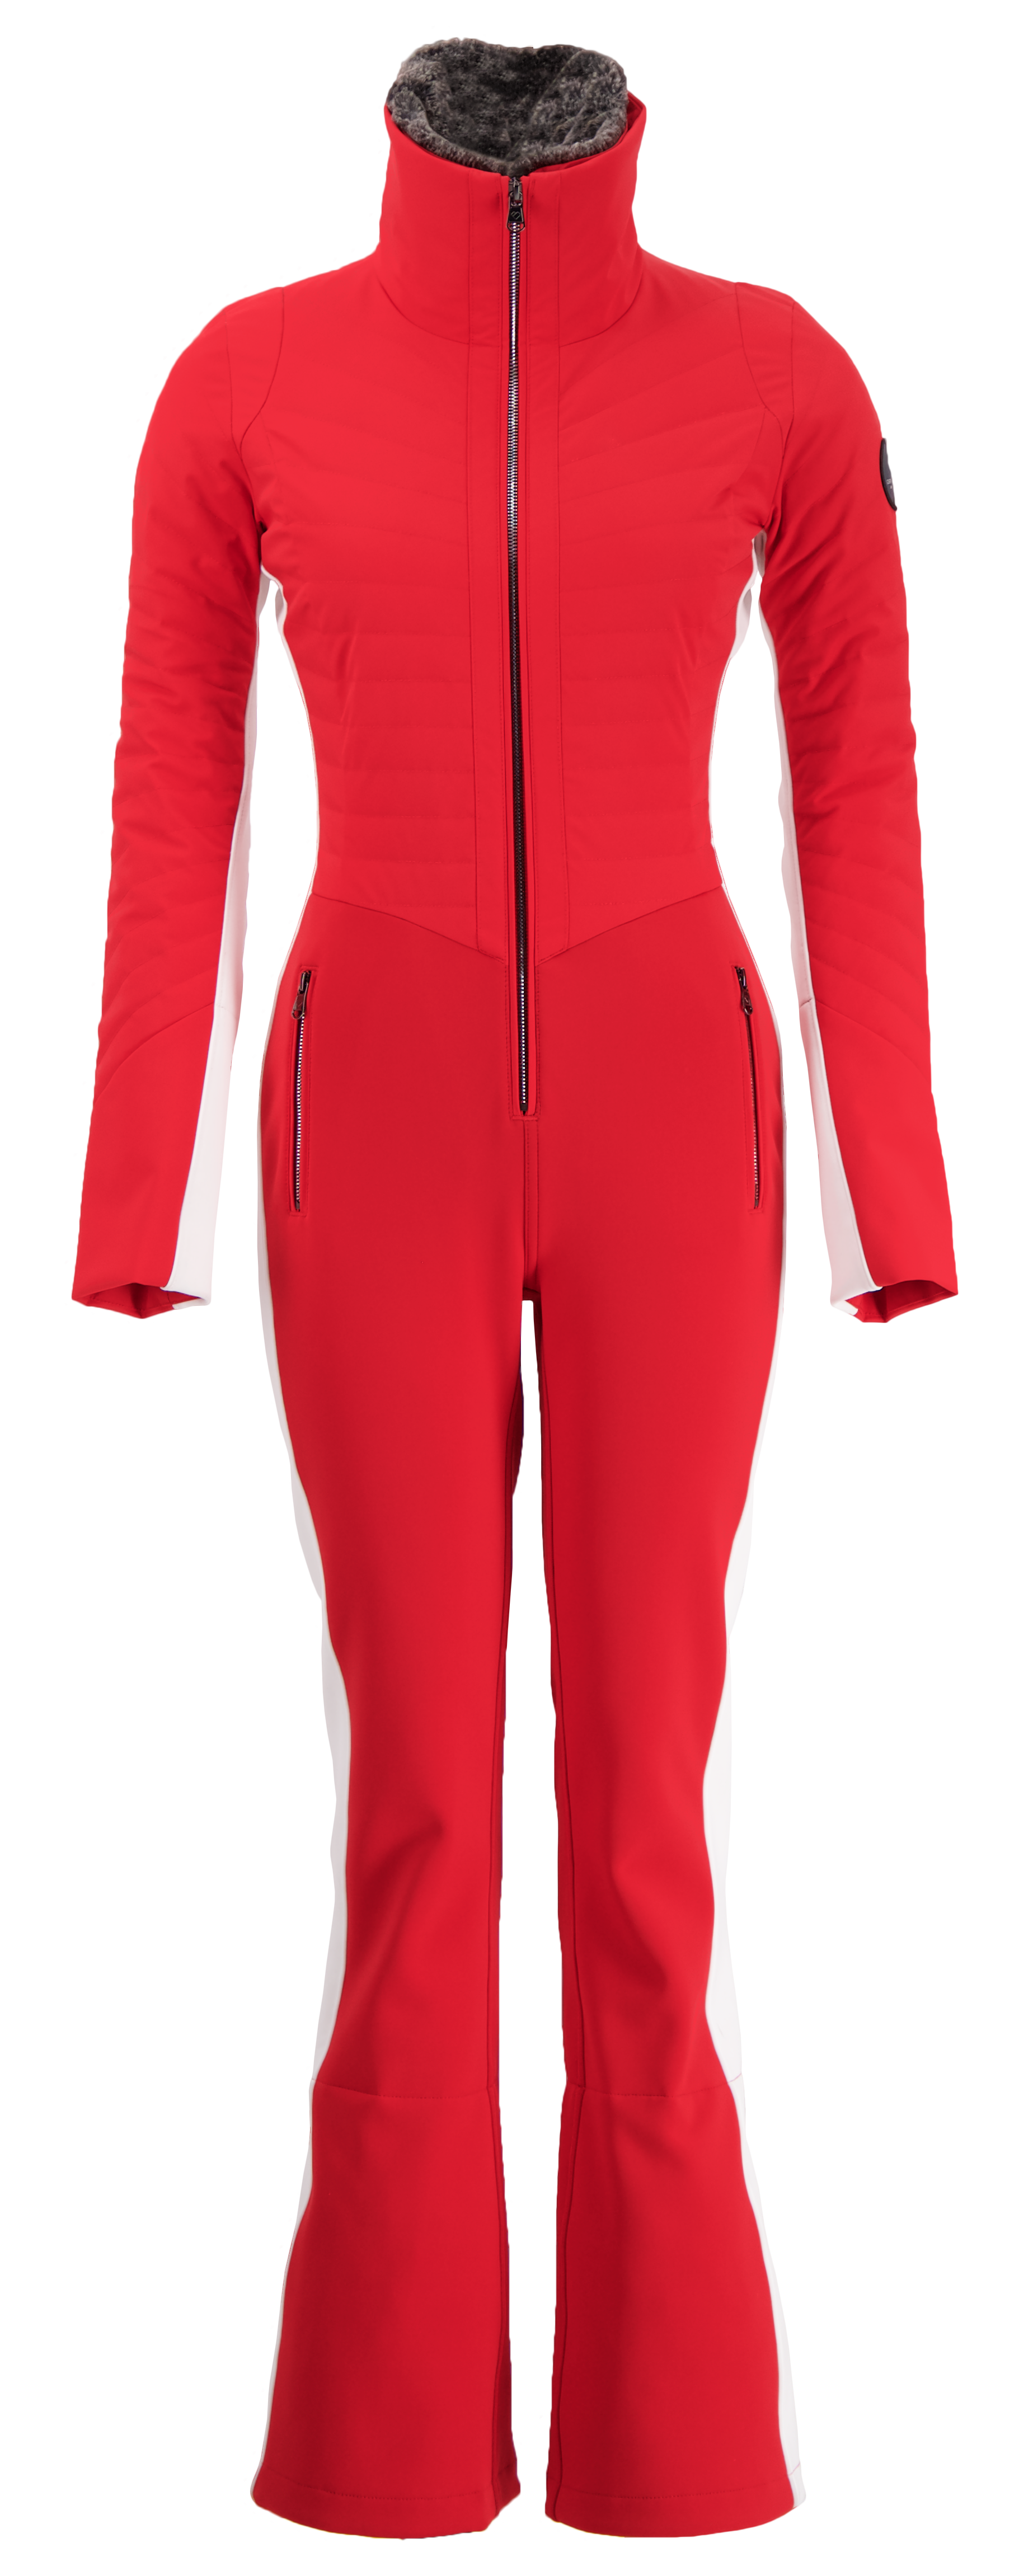 The New 2012 Nordica Patron Ski Boot